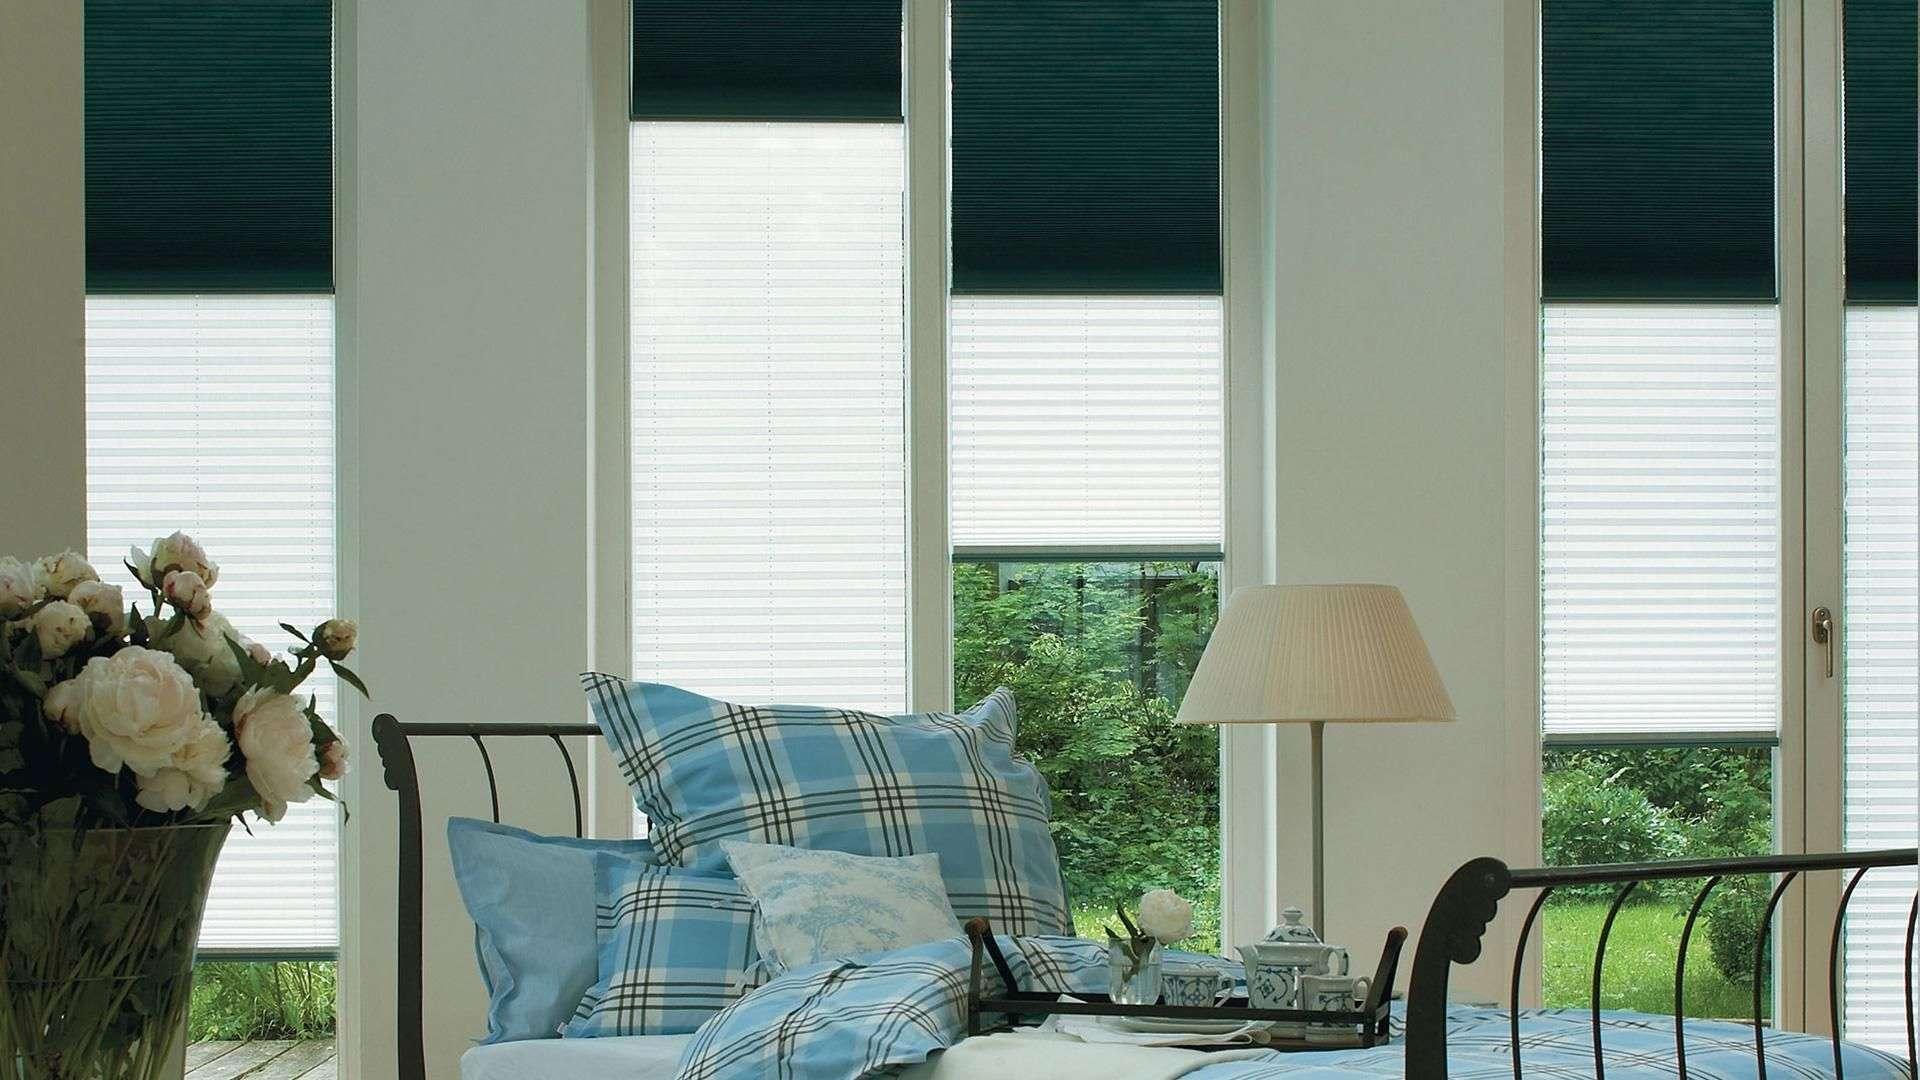 sonnenschutz von d rbusch montage von raffstoren mehr. Black Bedroom Furniture Sets. Home Design Ideas